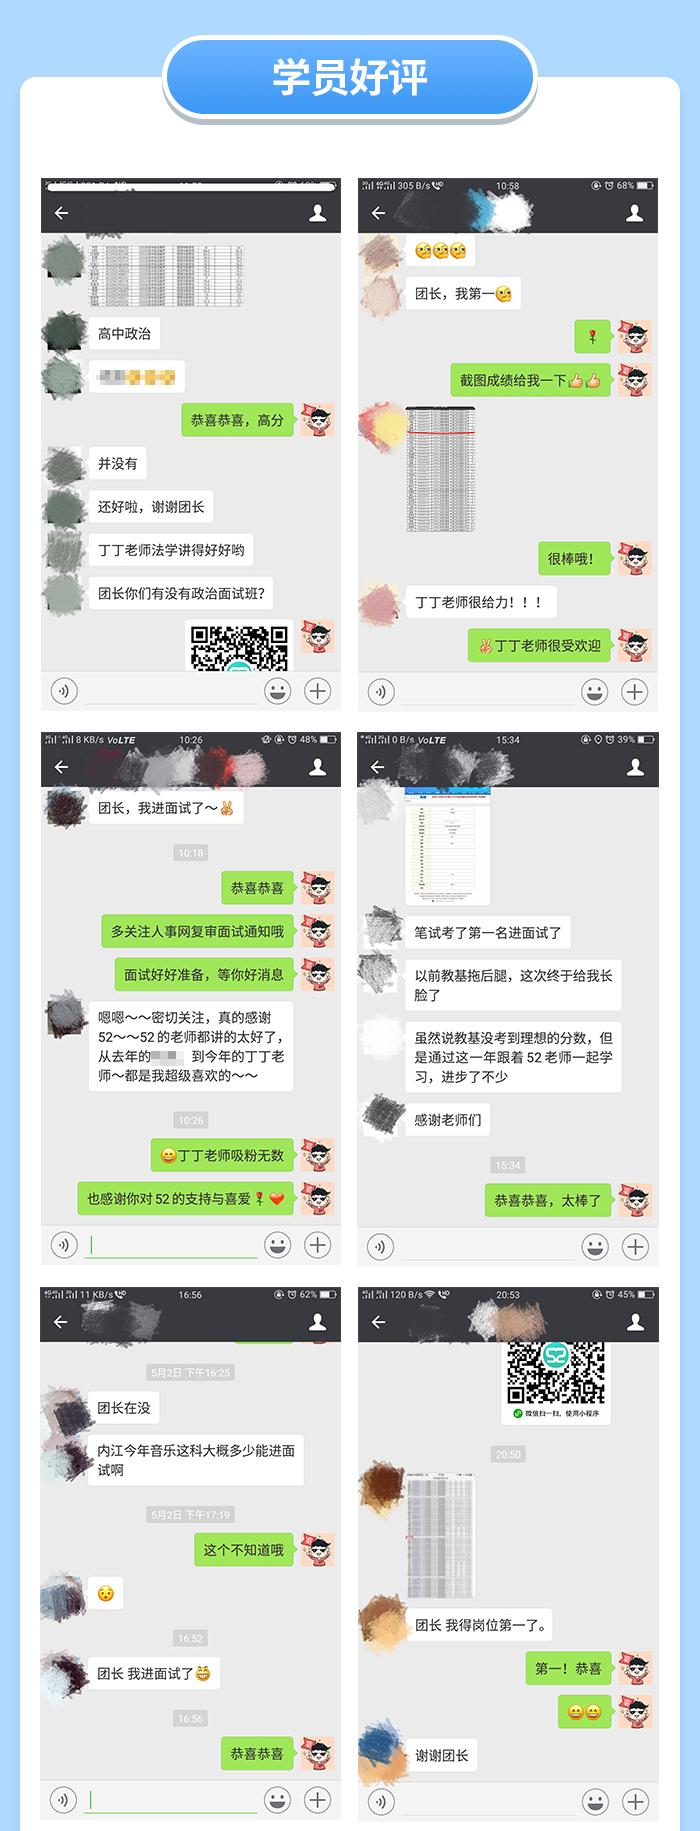 四川笔试通关班_07.png